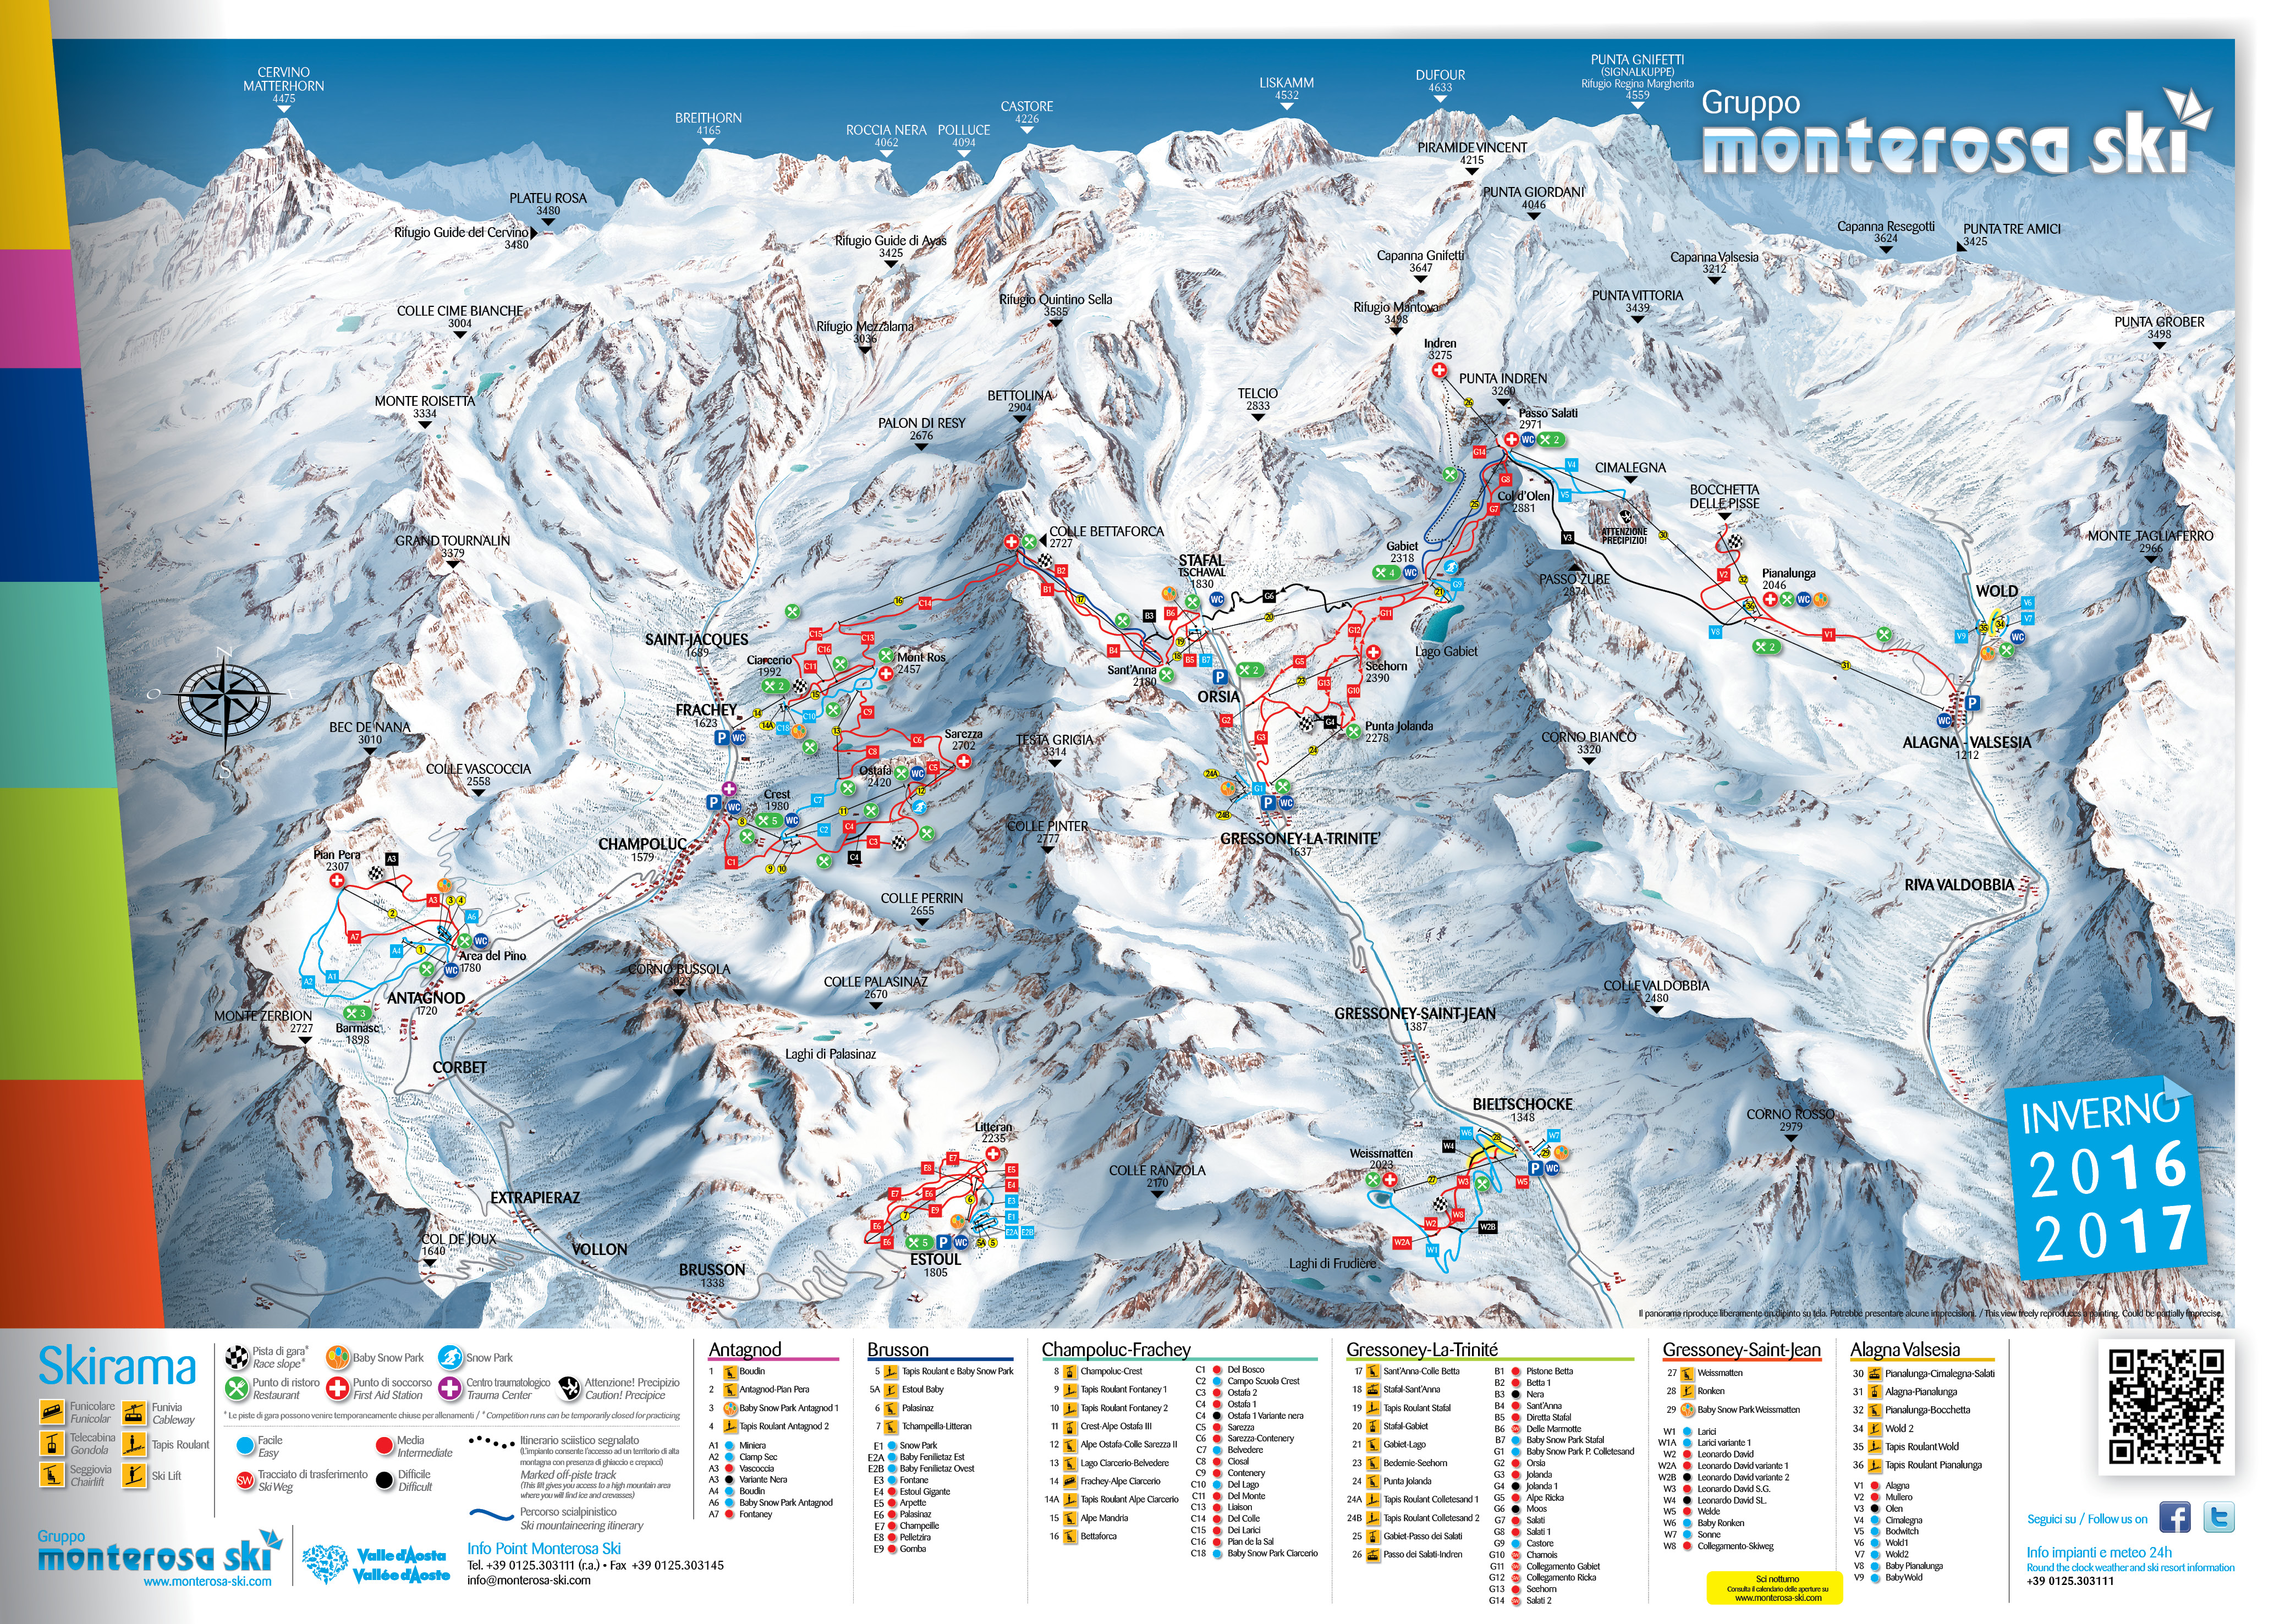 La cartina delle piste da sci del comprensorio Monterosa Ski